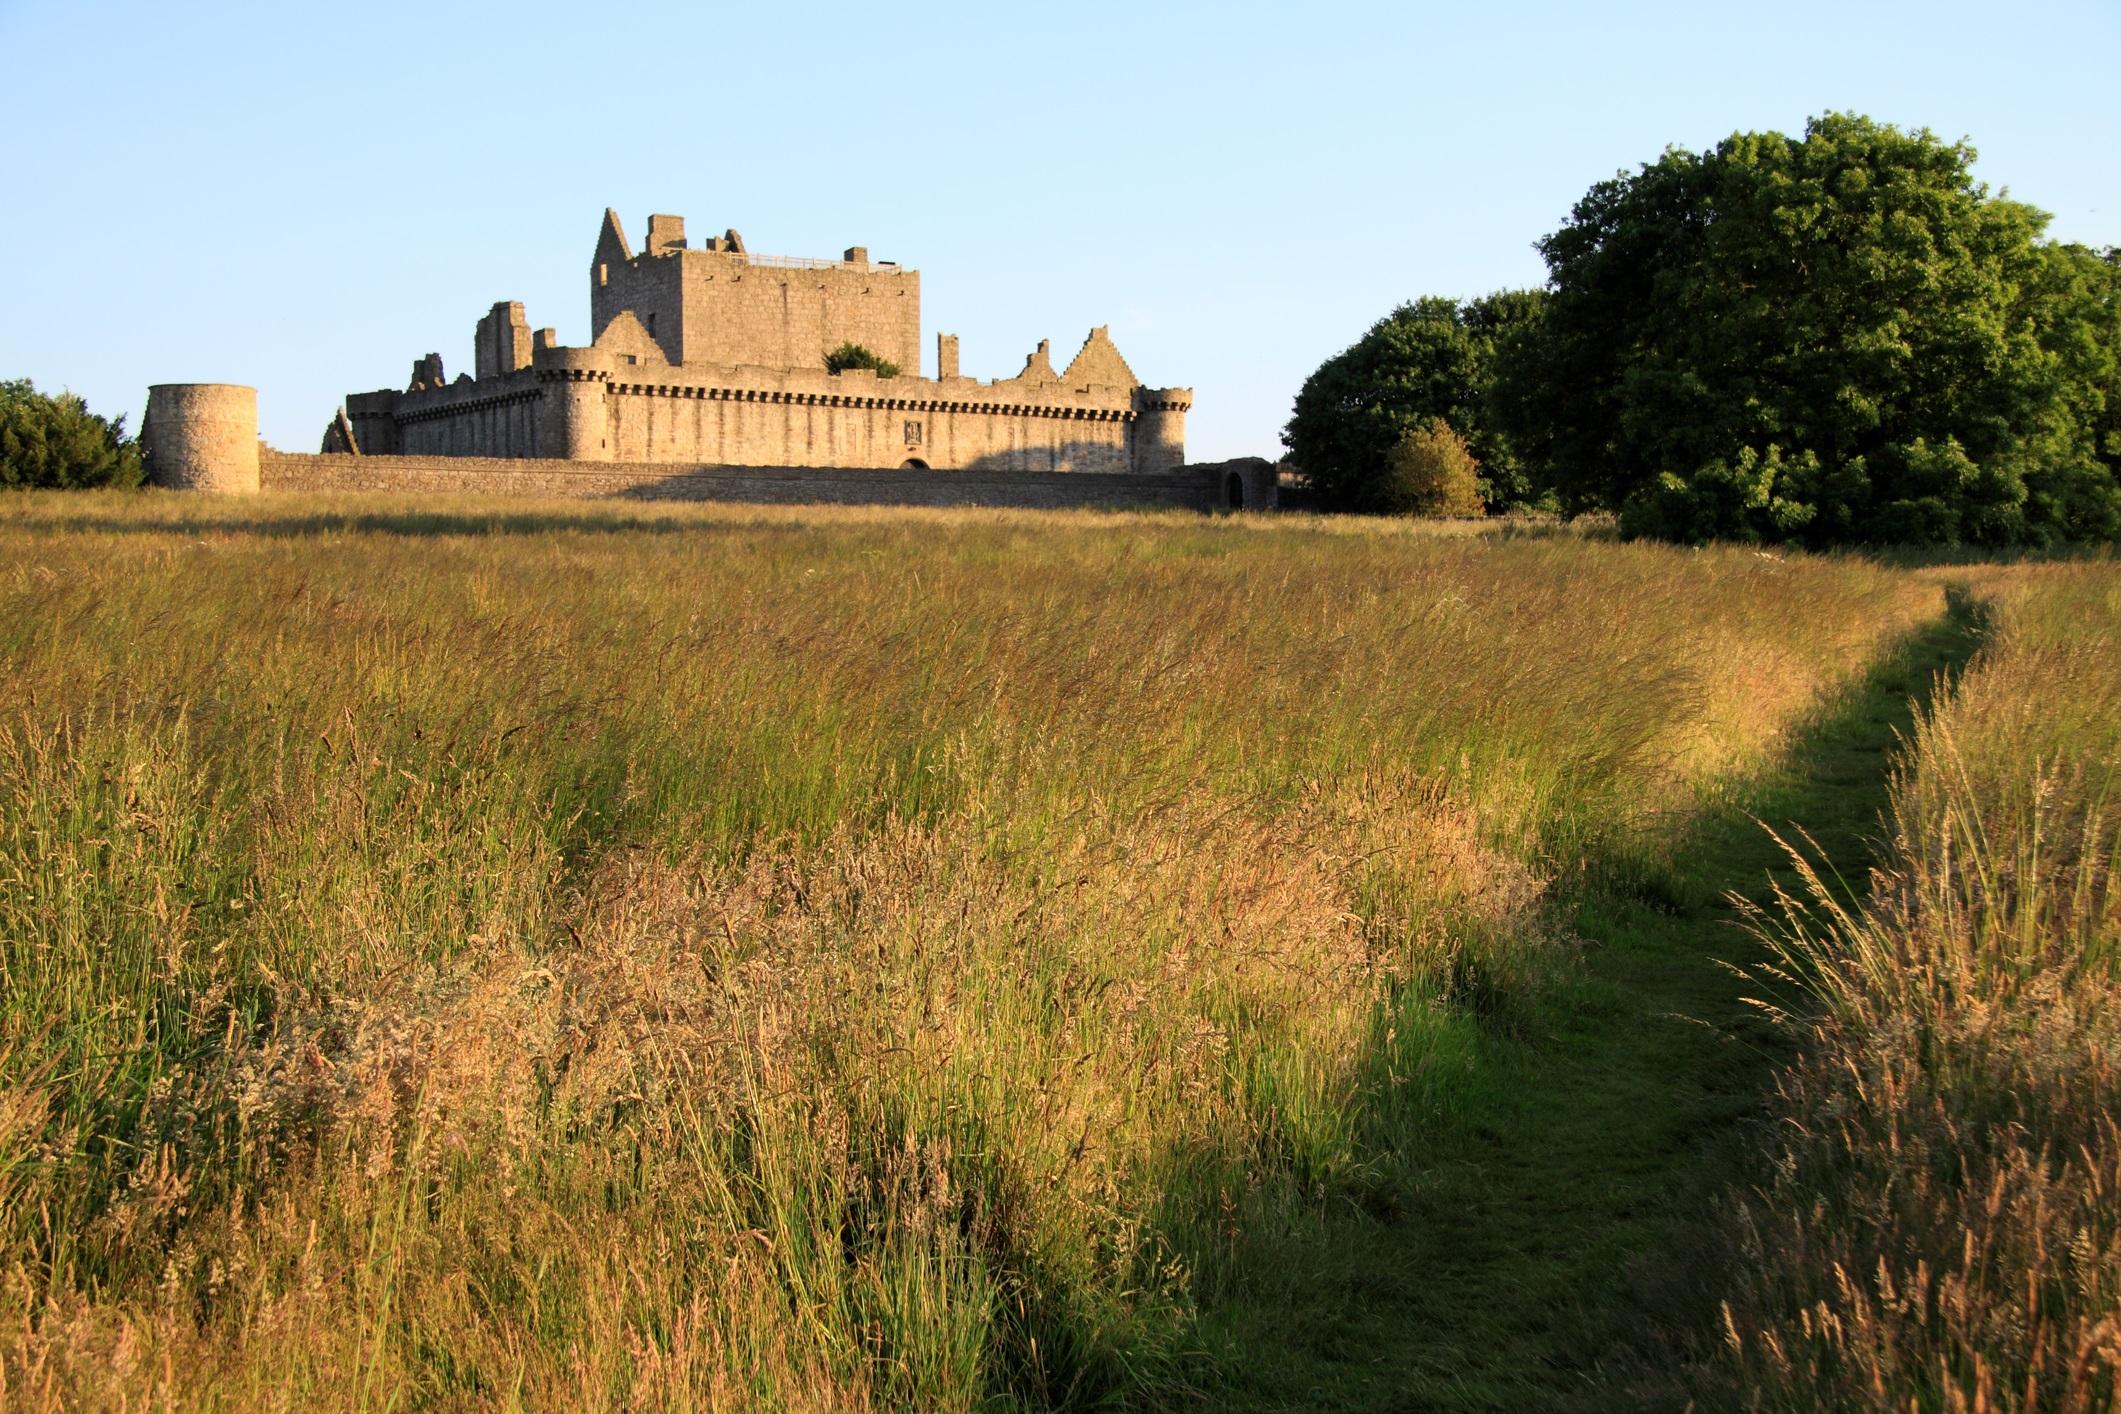 """Близнаци<br /> <br /> Половинката ви не обича рутината, така че вашето предложение трябва да е необичайно и на место, изпълнено с красота и история. Единбург, Шотландия е средновековна страна на чудесата. Заведете дамата на сърцето си до замъка Крейгмилър, известен като """"другия замък"""" в Единбург, построен през XIV в. и ѝ предложете да остареете заедно."""